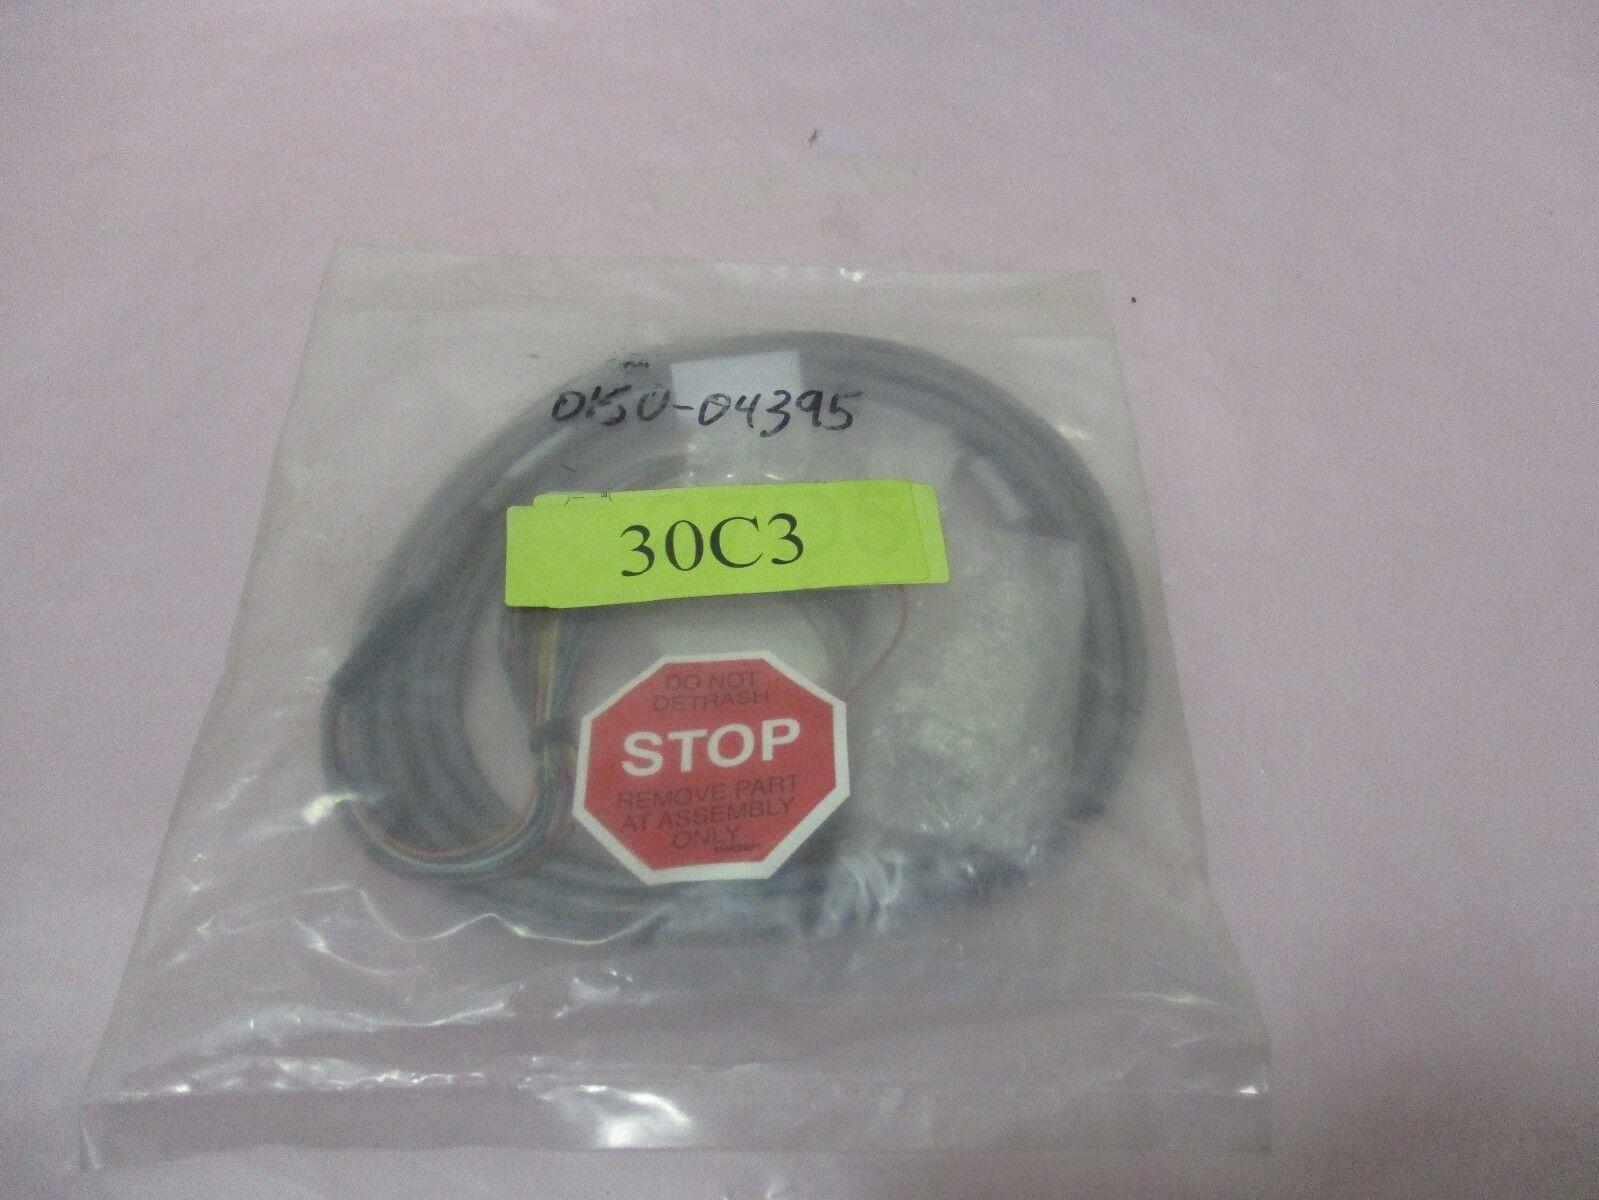 AMAT 0150-04395 Cable, Shelf #2, 420789